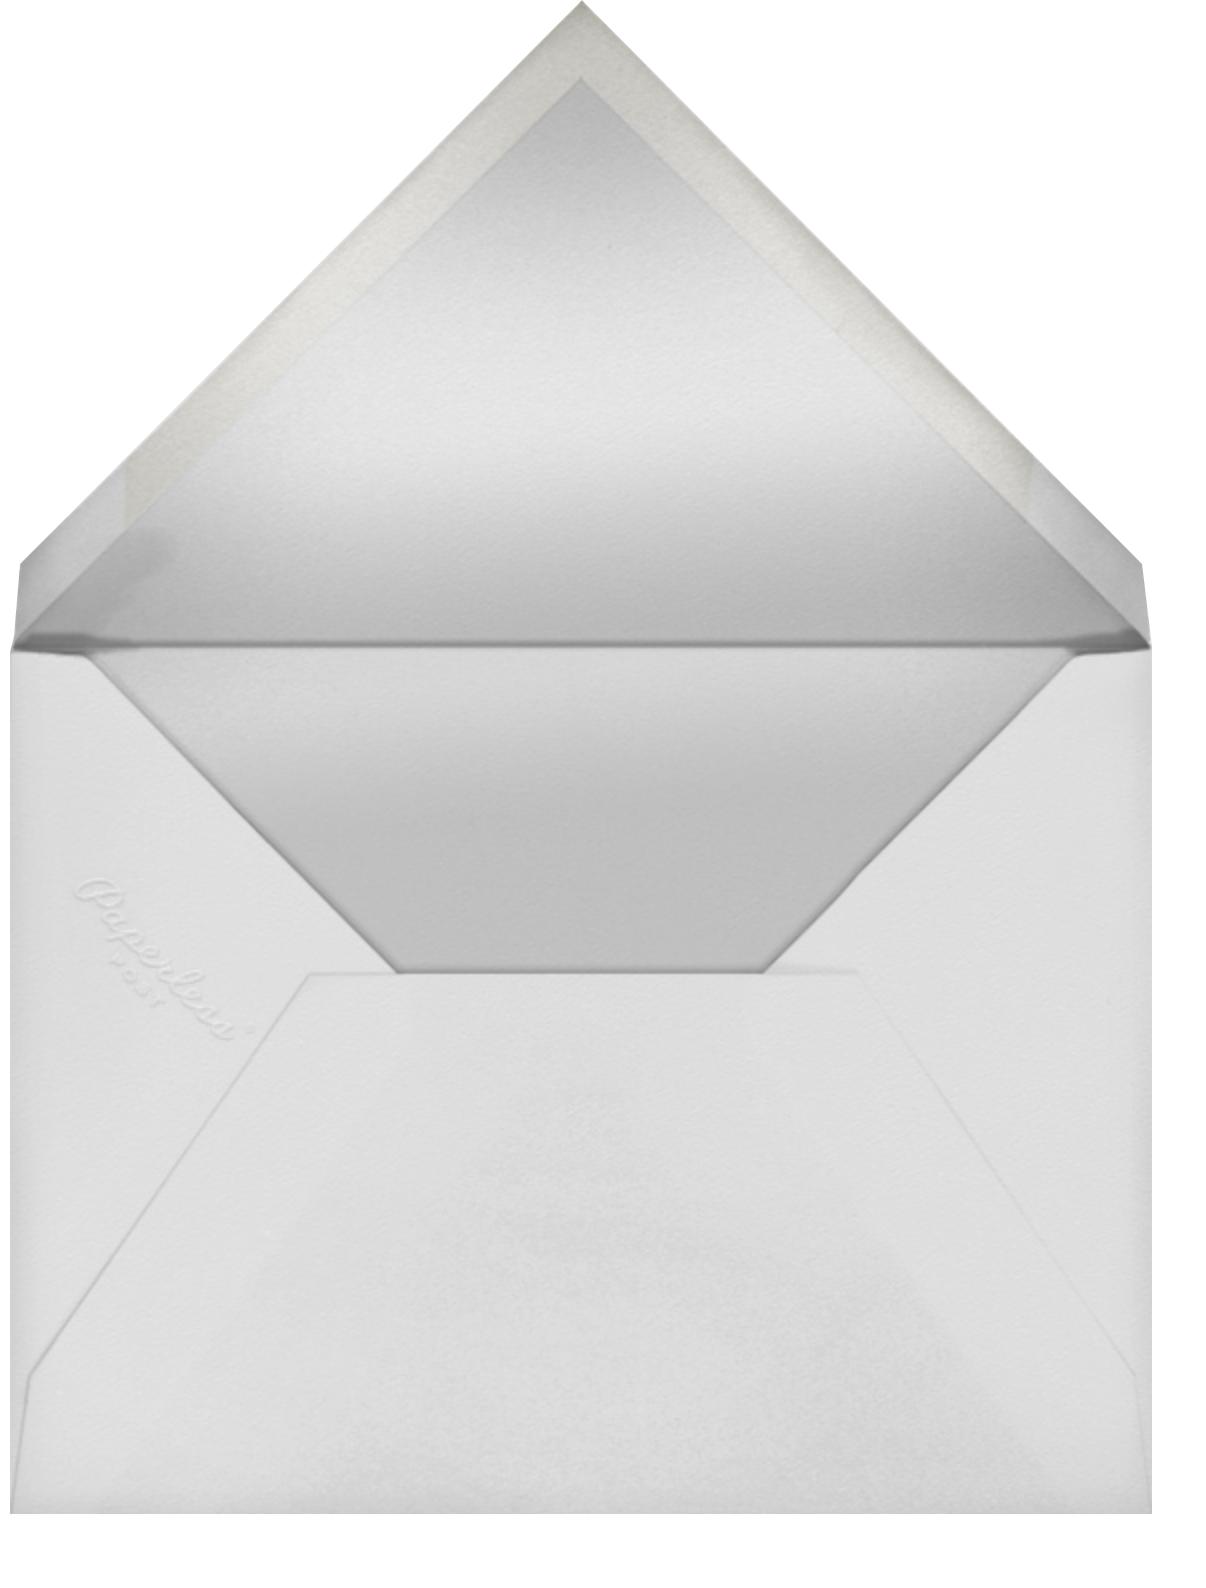 Malacca (Menu) - Paperless Post - Menus - envelope back